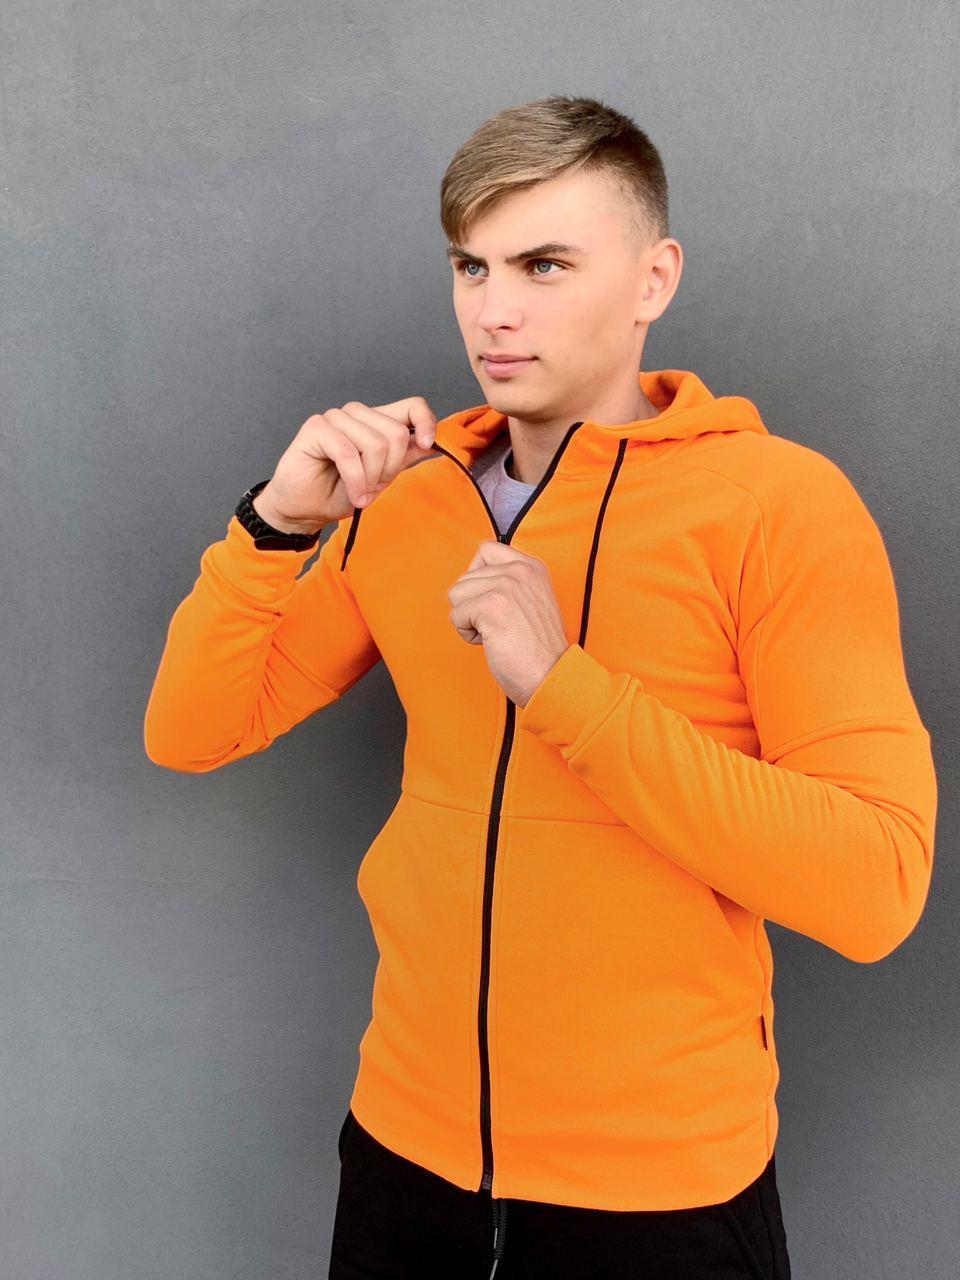 Кофта Мужская Intruder 'Cosmo' оранжевая спортивная толстовка с капюшоном